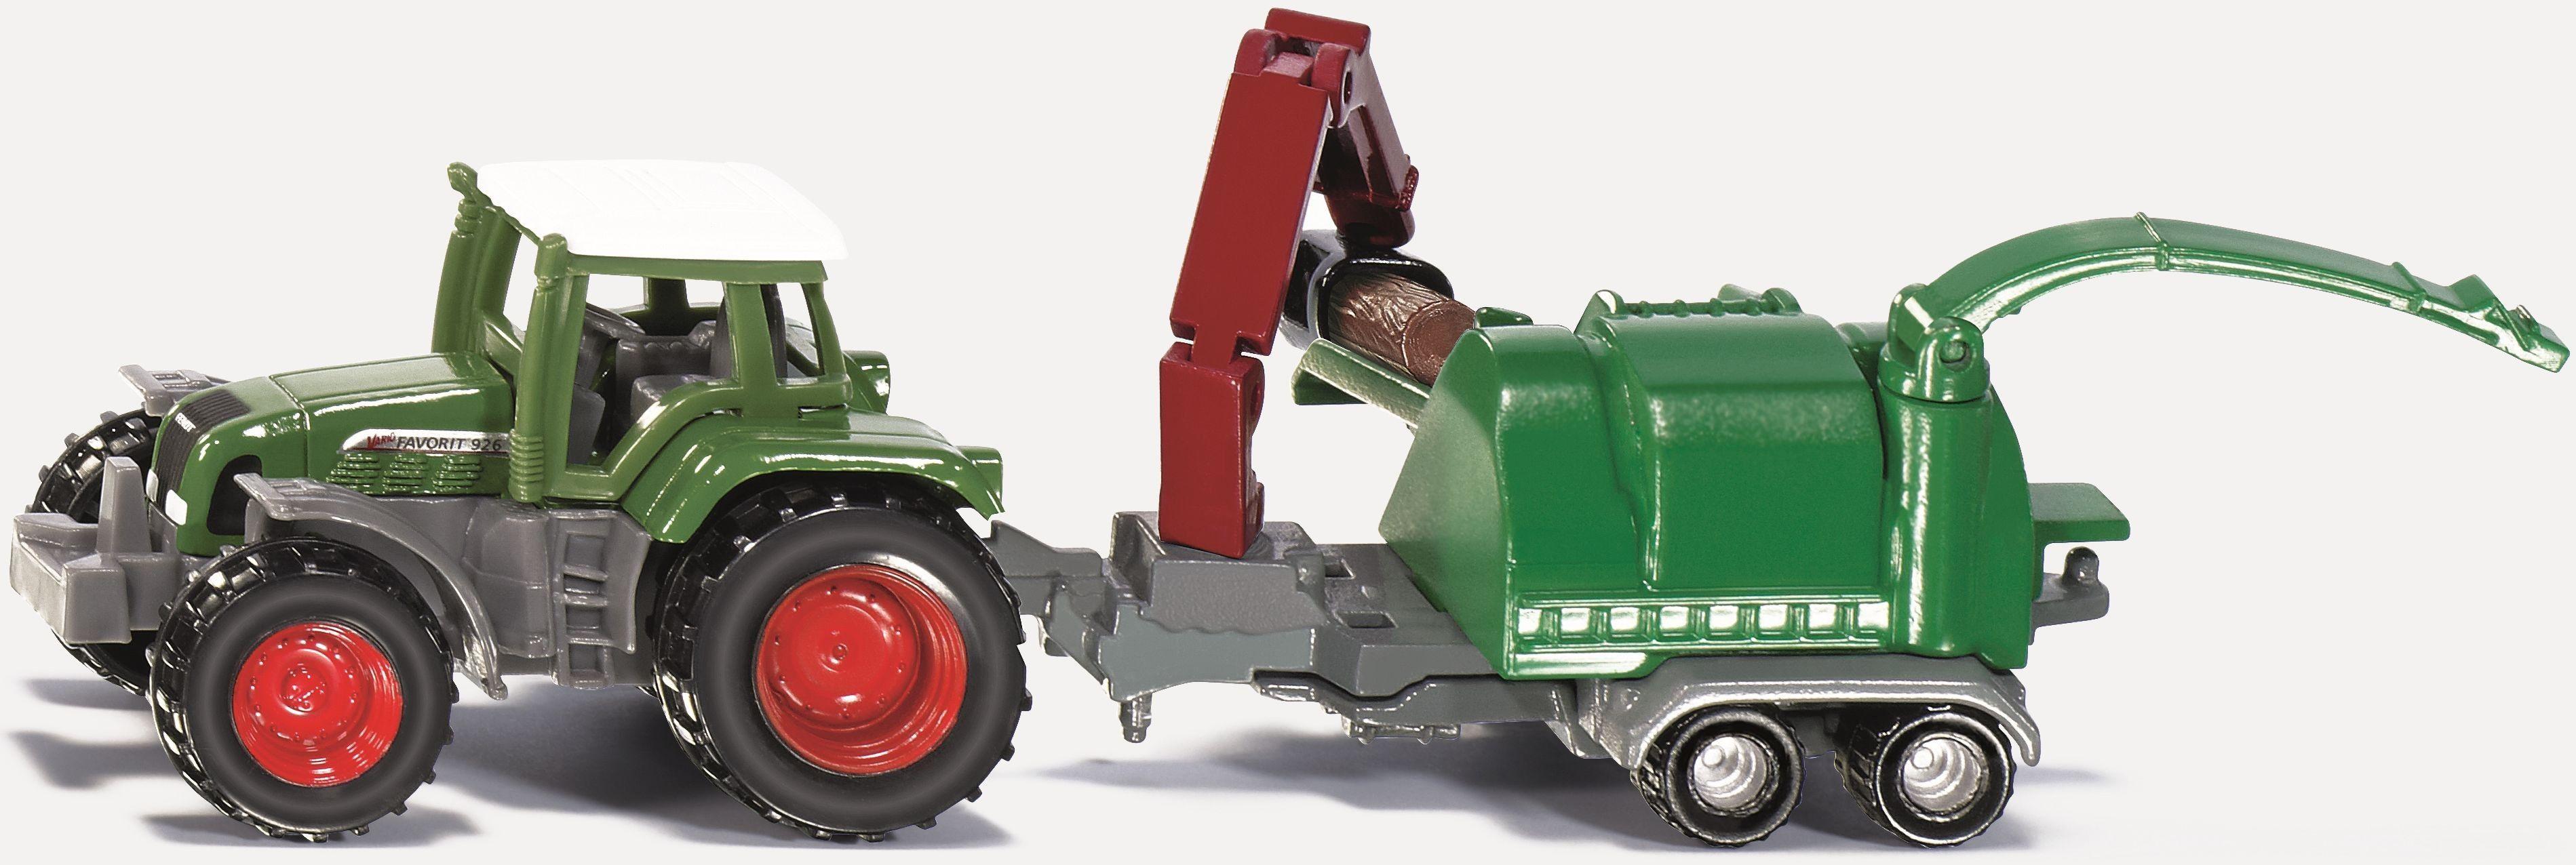 Met bijna ontembare kracht hakt de originele machine van het merk JENZ boomstammen in snippers. Dit deel van de houtoogstserie vult SIKU aan met een bijzonder model, gemaakt van metaal en kunststof. Deze combinatie van Fendt tractor met mobiele hakselaar voorzien van kraan, grijper, beweegbare invoertafel en uitwerpblower voelt zich in elke kinderkamer thuis.   - Tractor met houthakselaar SIKU